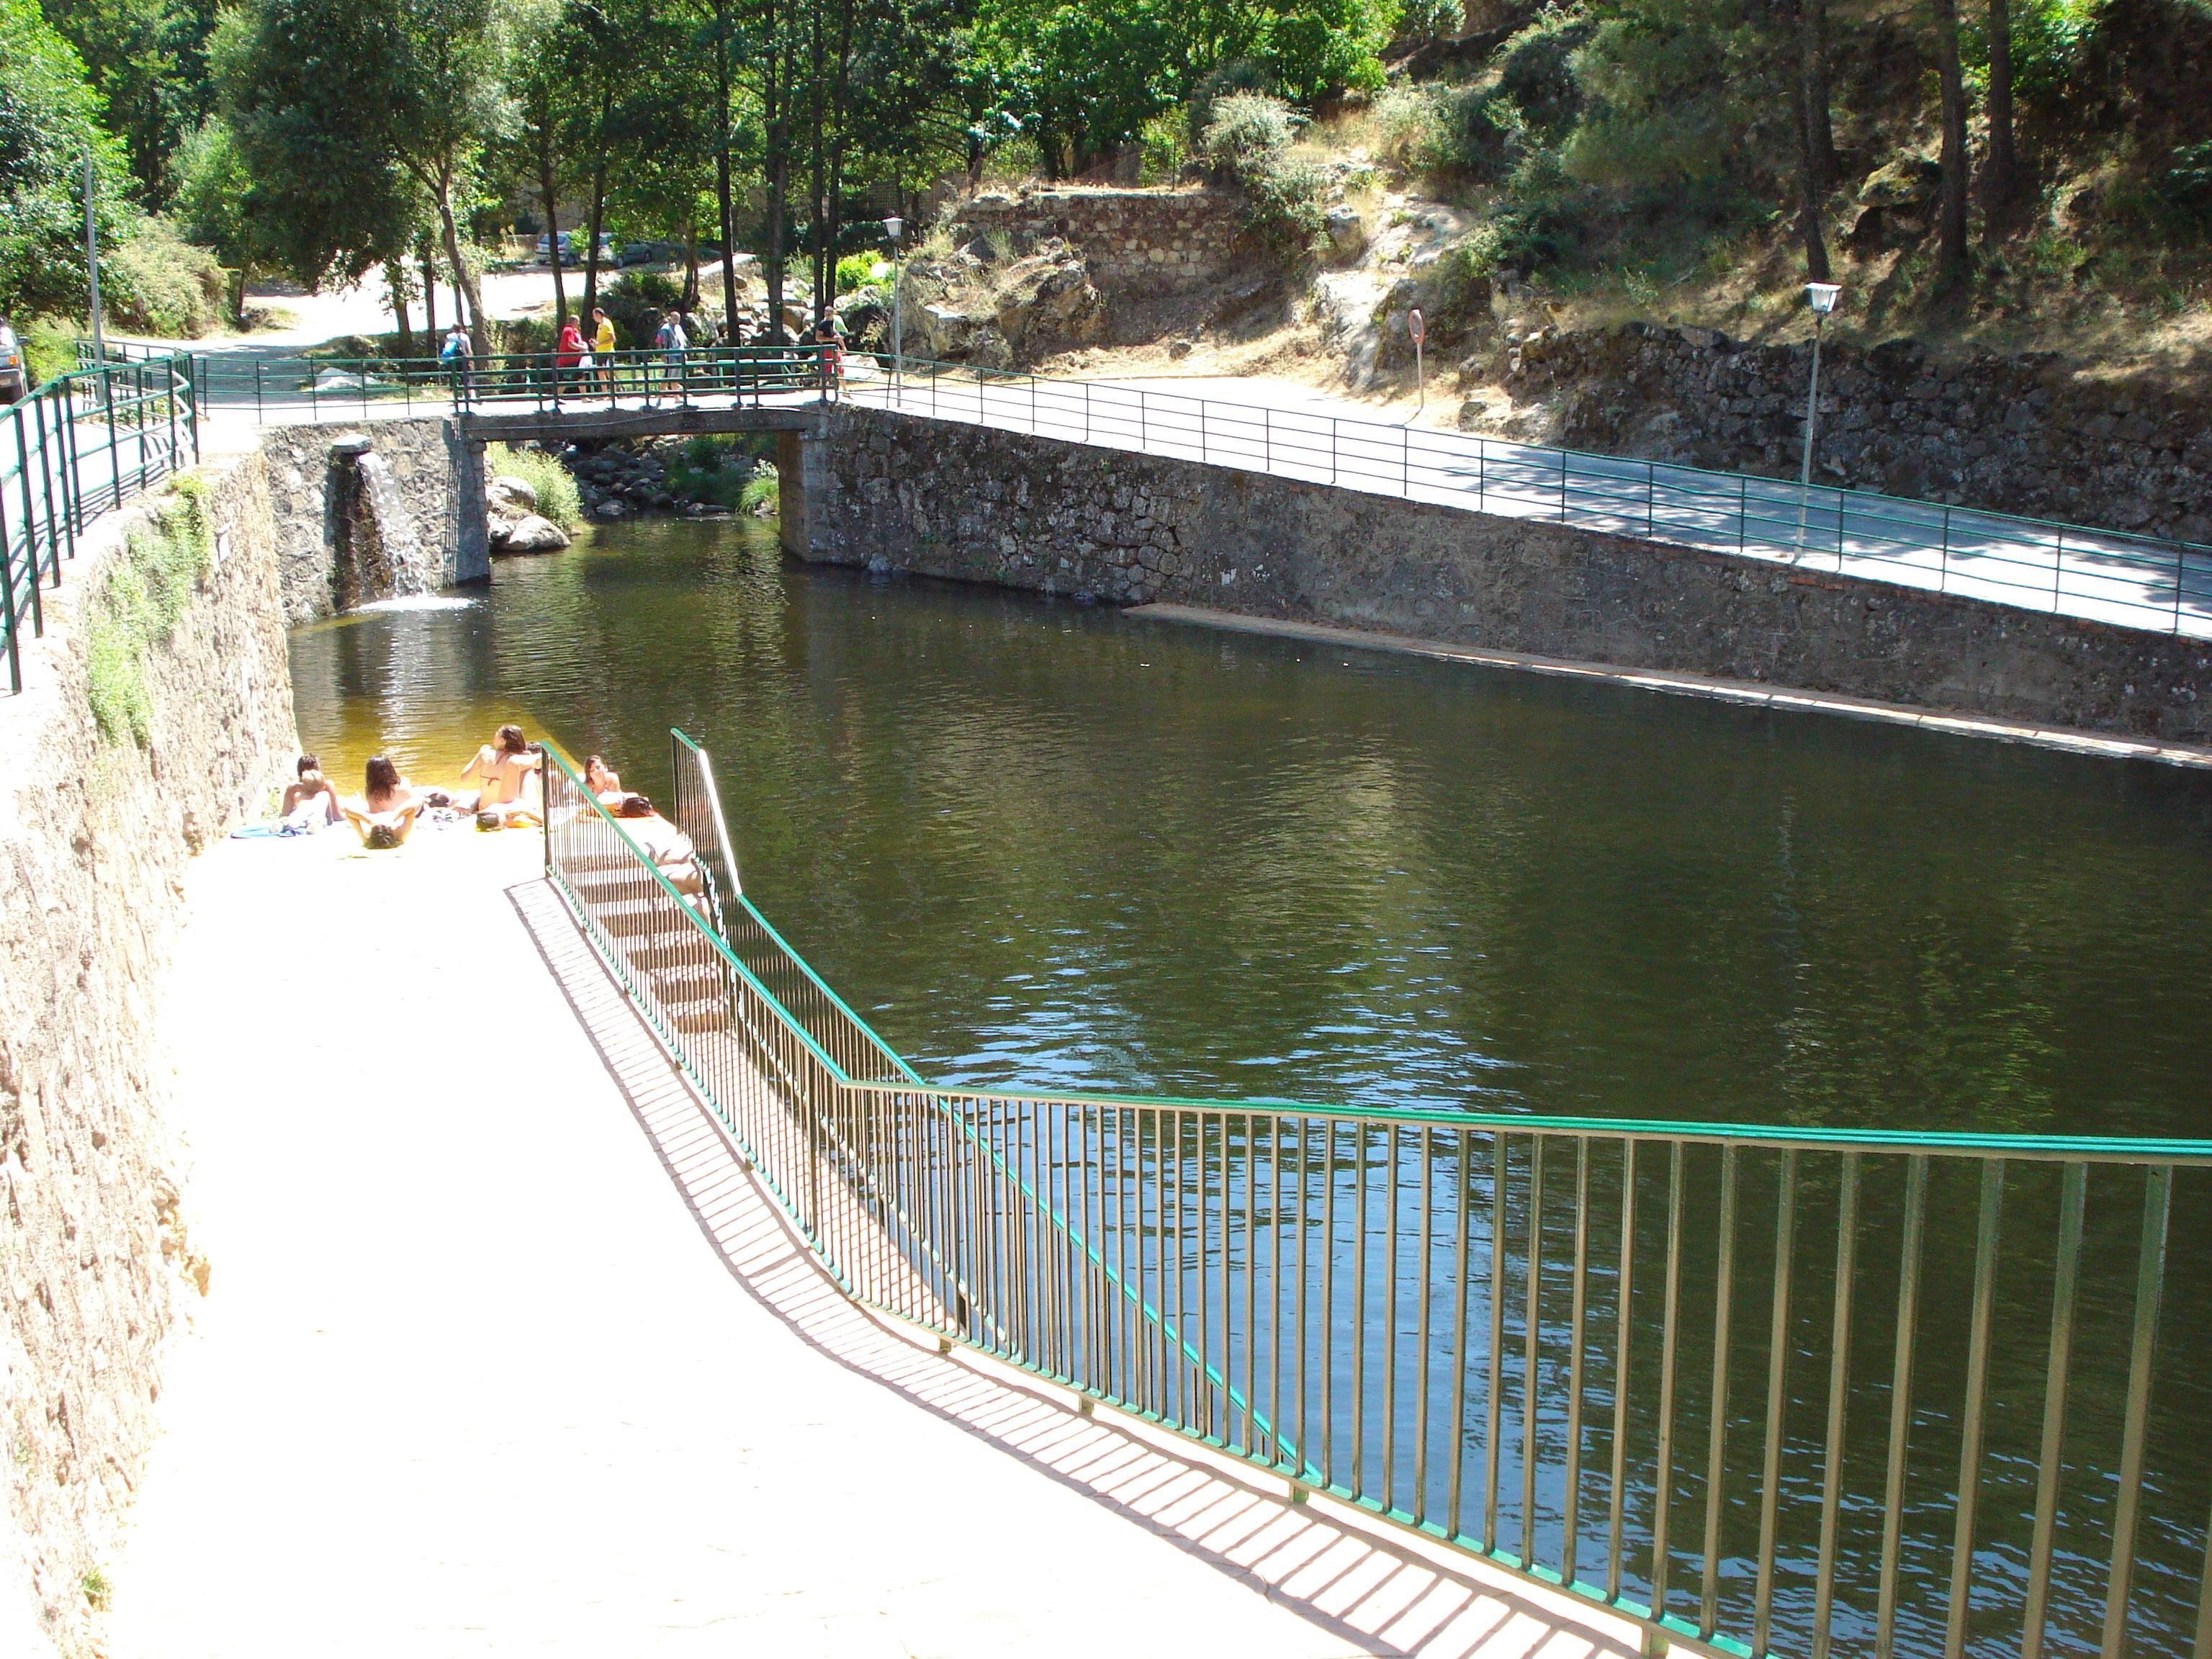 Piscina y charcos naturales ayuntamiento de mijares for Piscina municipal avila